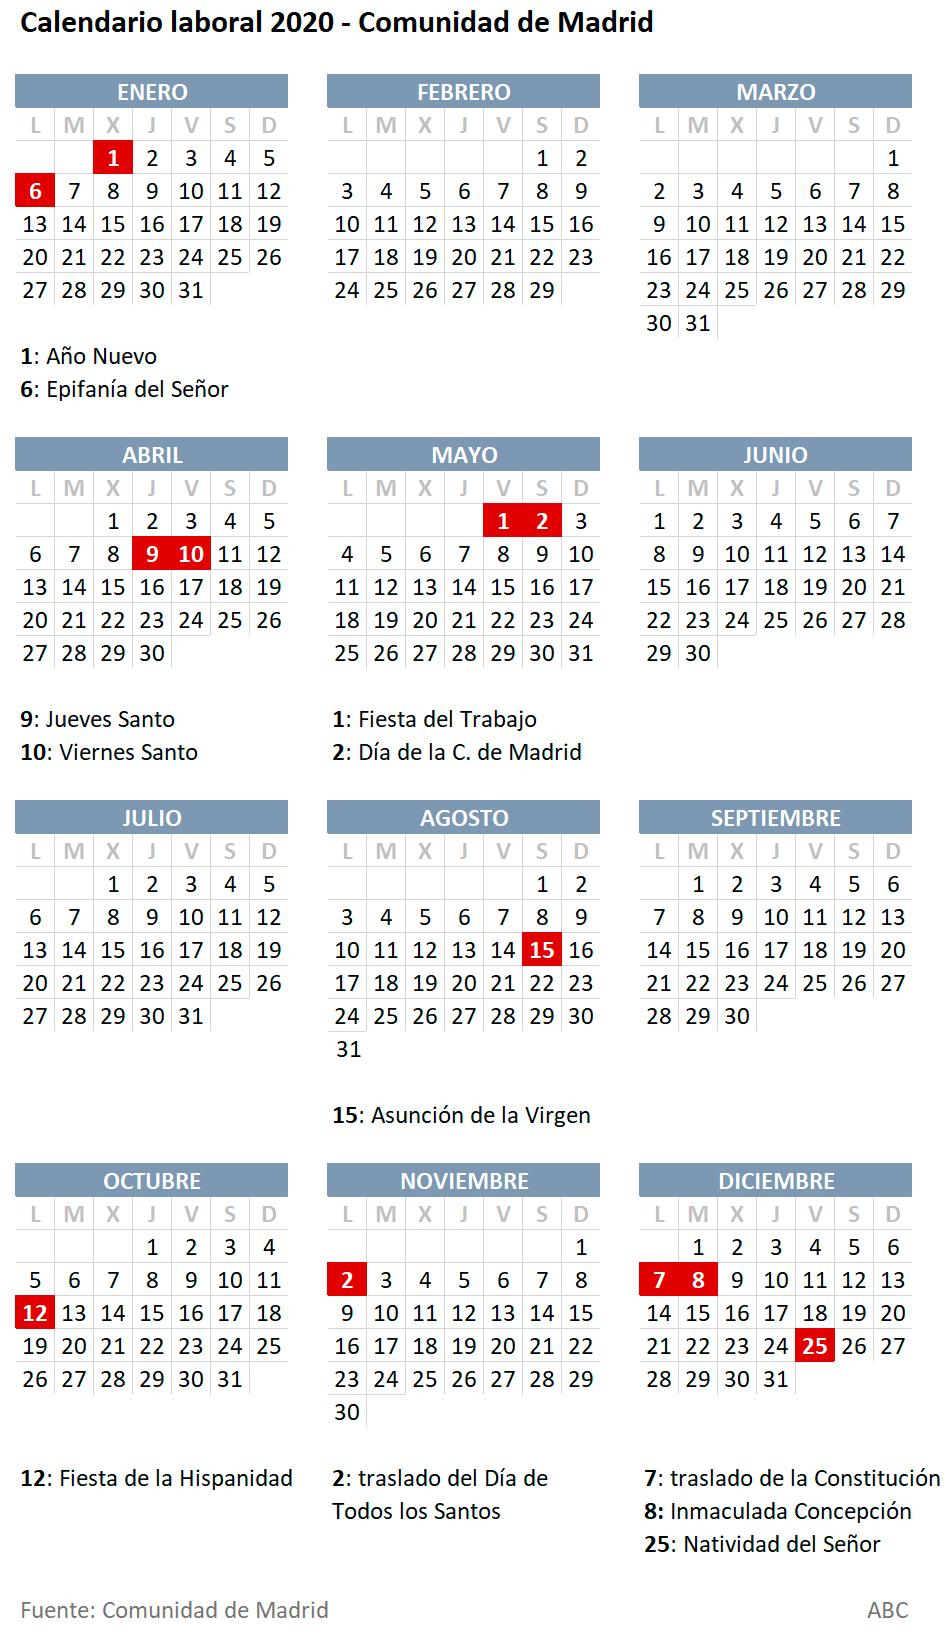 2020 Calendario Laboral.Calendario Laboral De La Comunidad De Madrid 2020